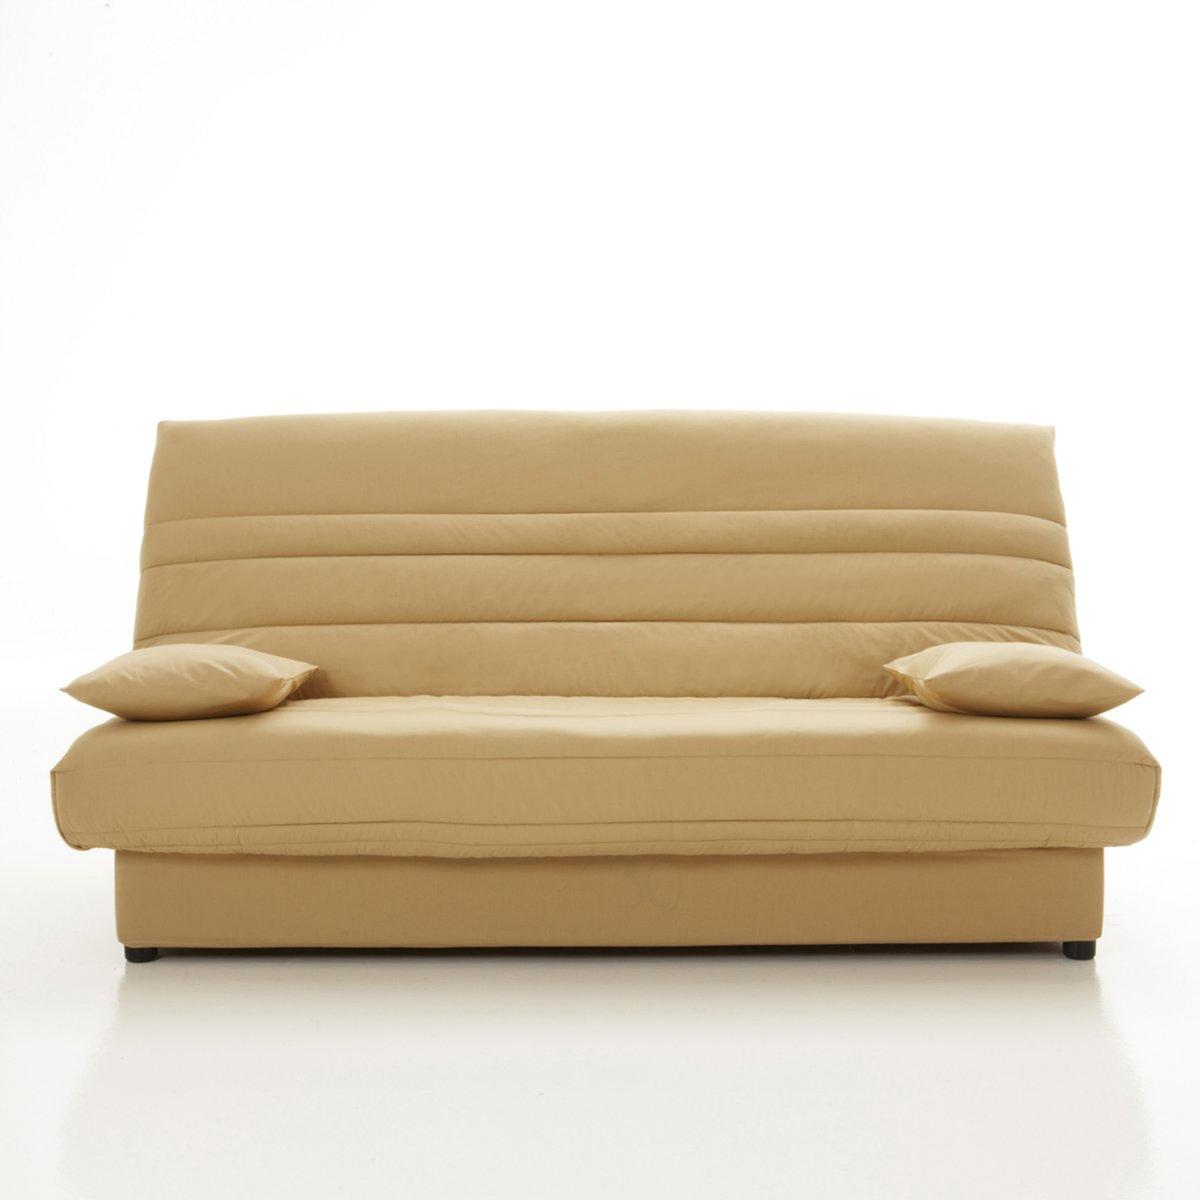 Чехол натяжной для дивана-книжки и складной тумбы, усовершенствованная модель